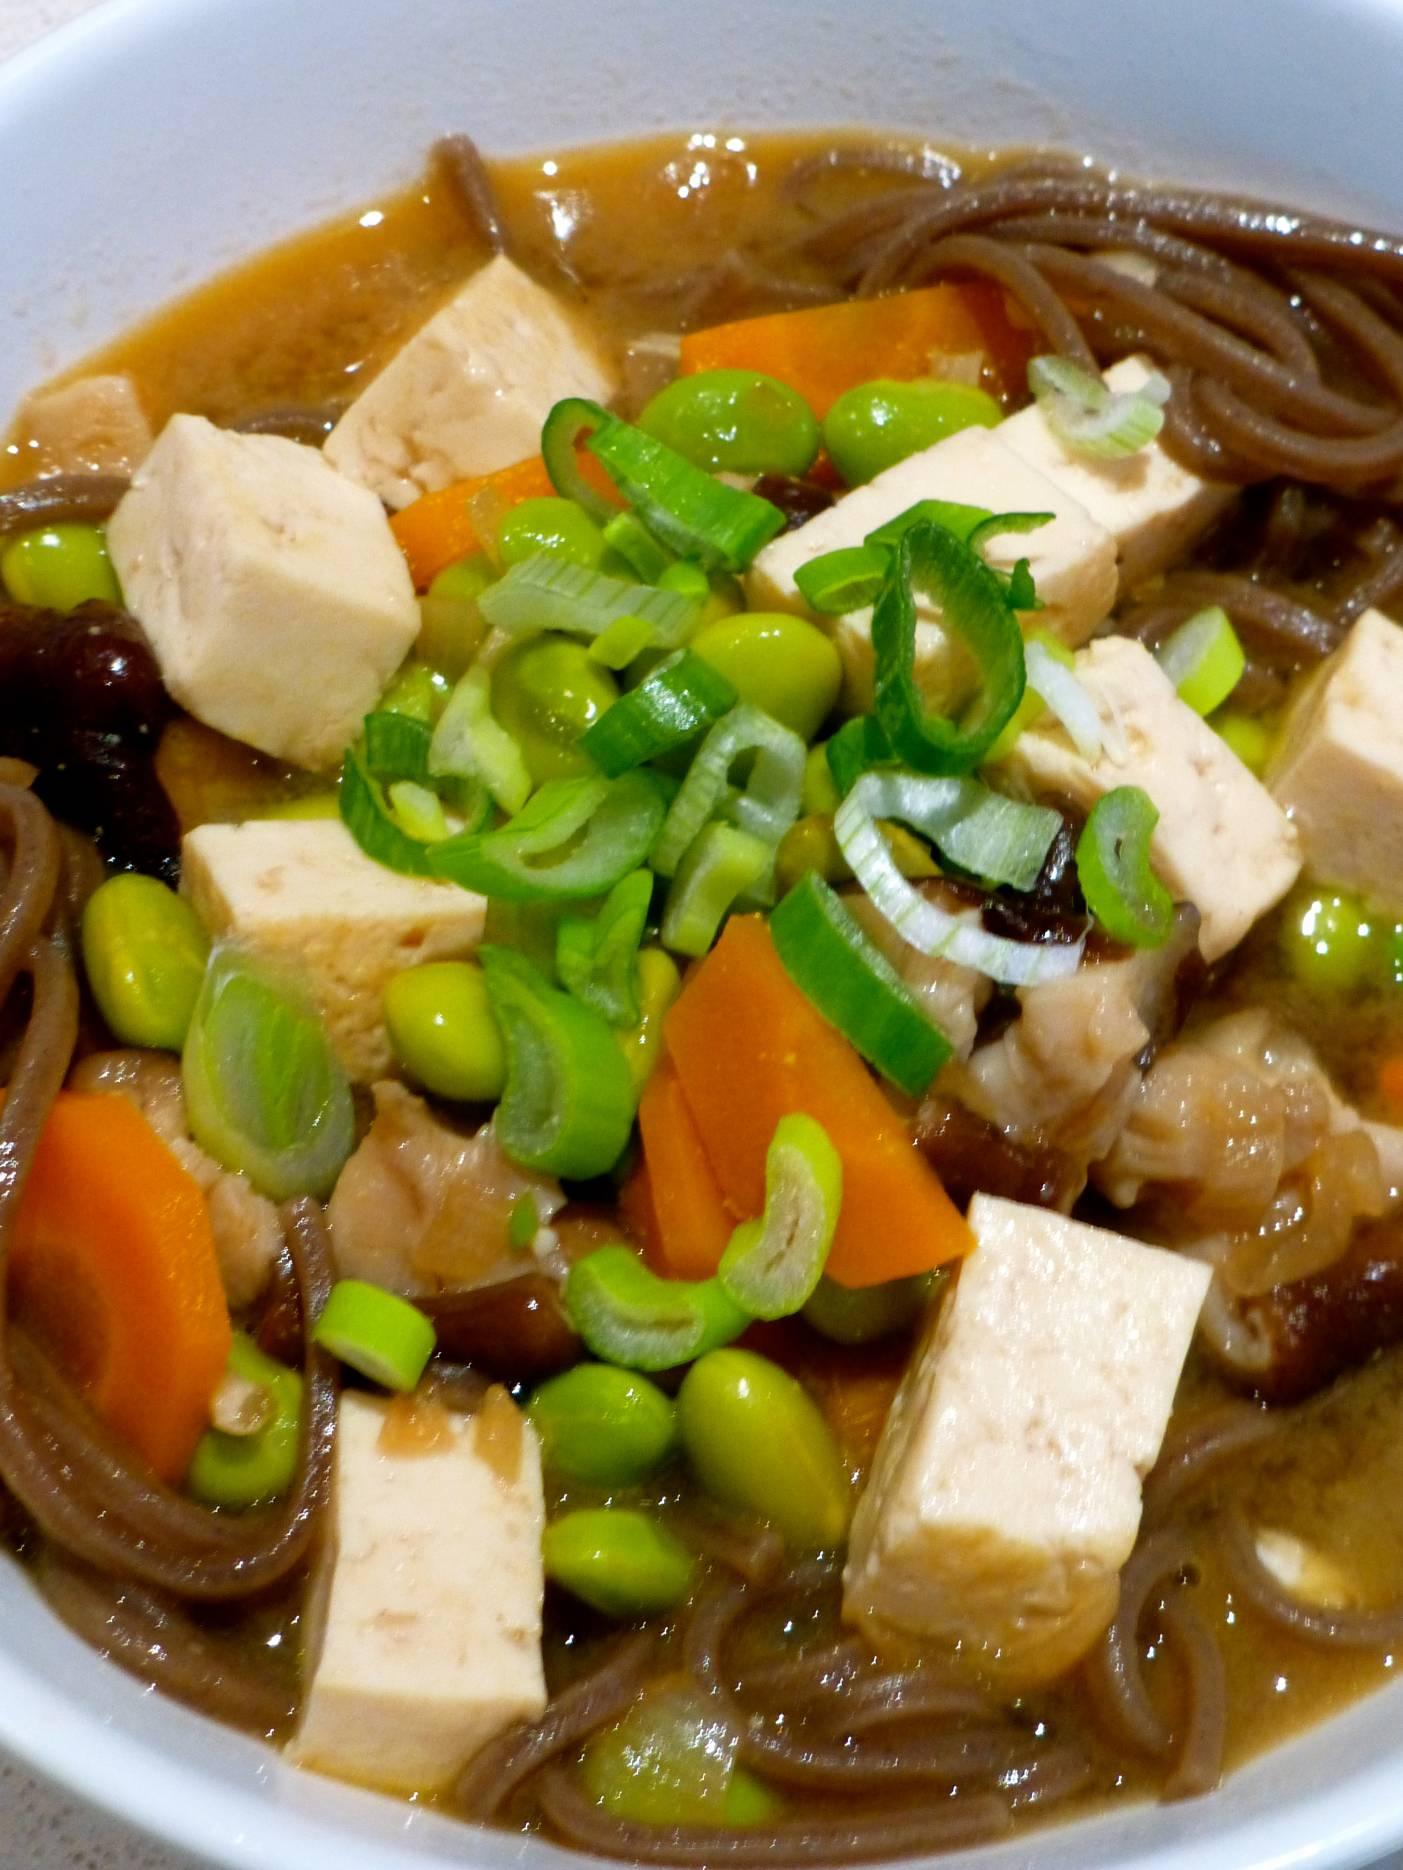 JVS image - Soba Miso Soup with Edamame, Shiitake & Tofu